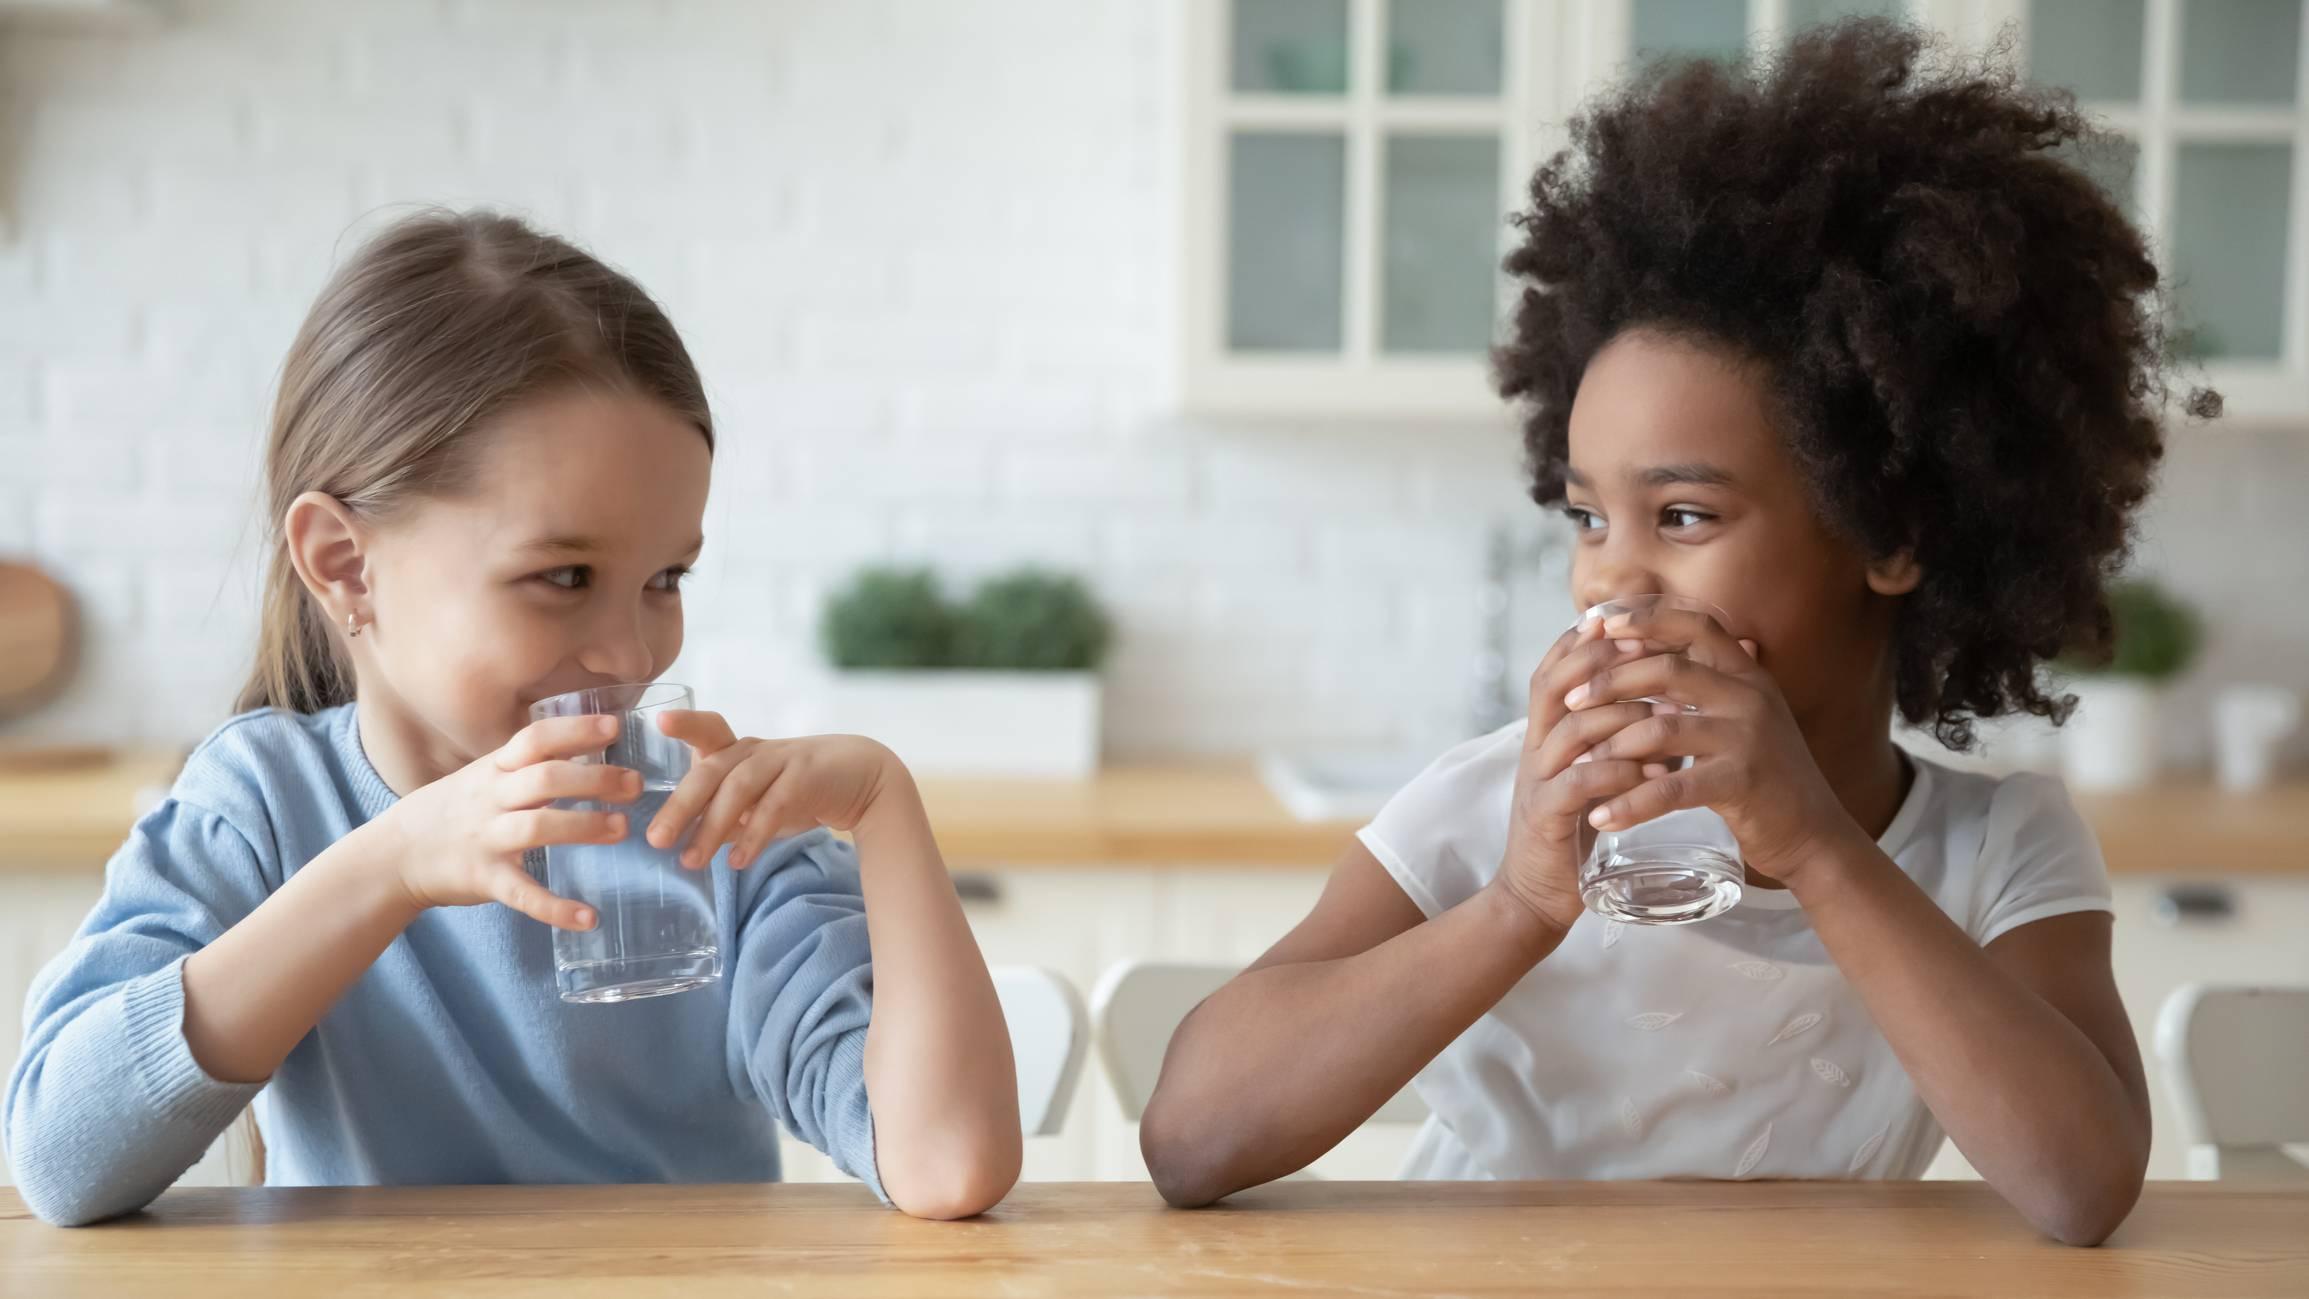 Enfants buvant de l'eau